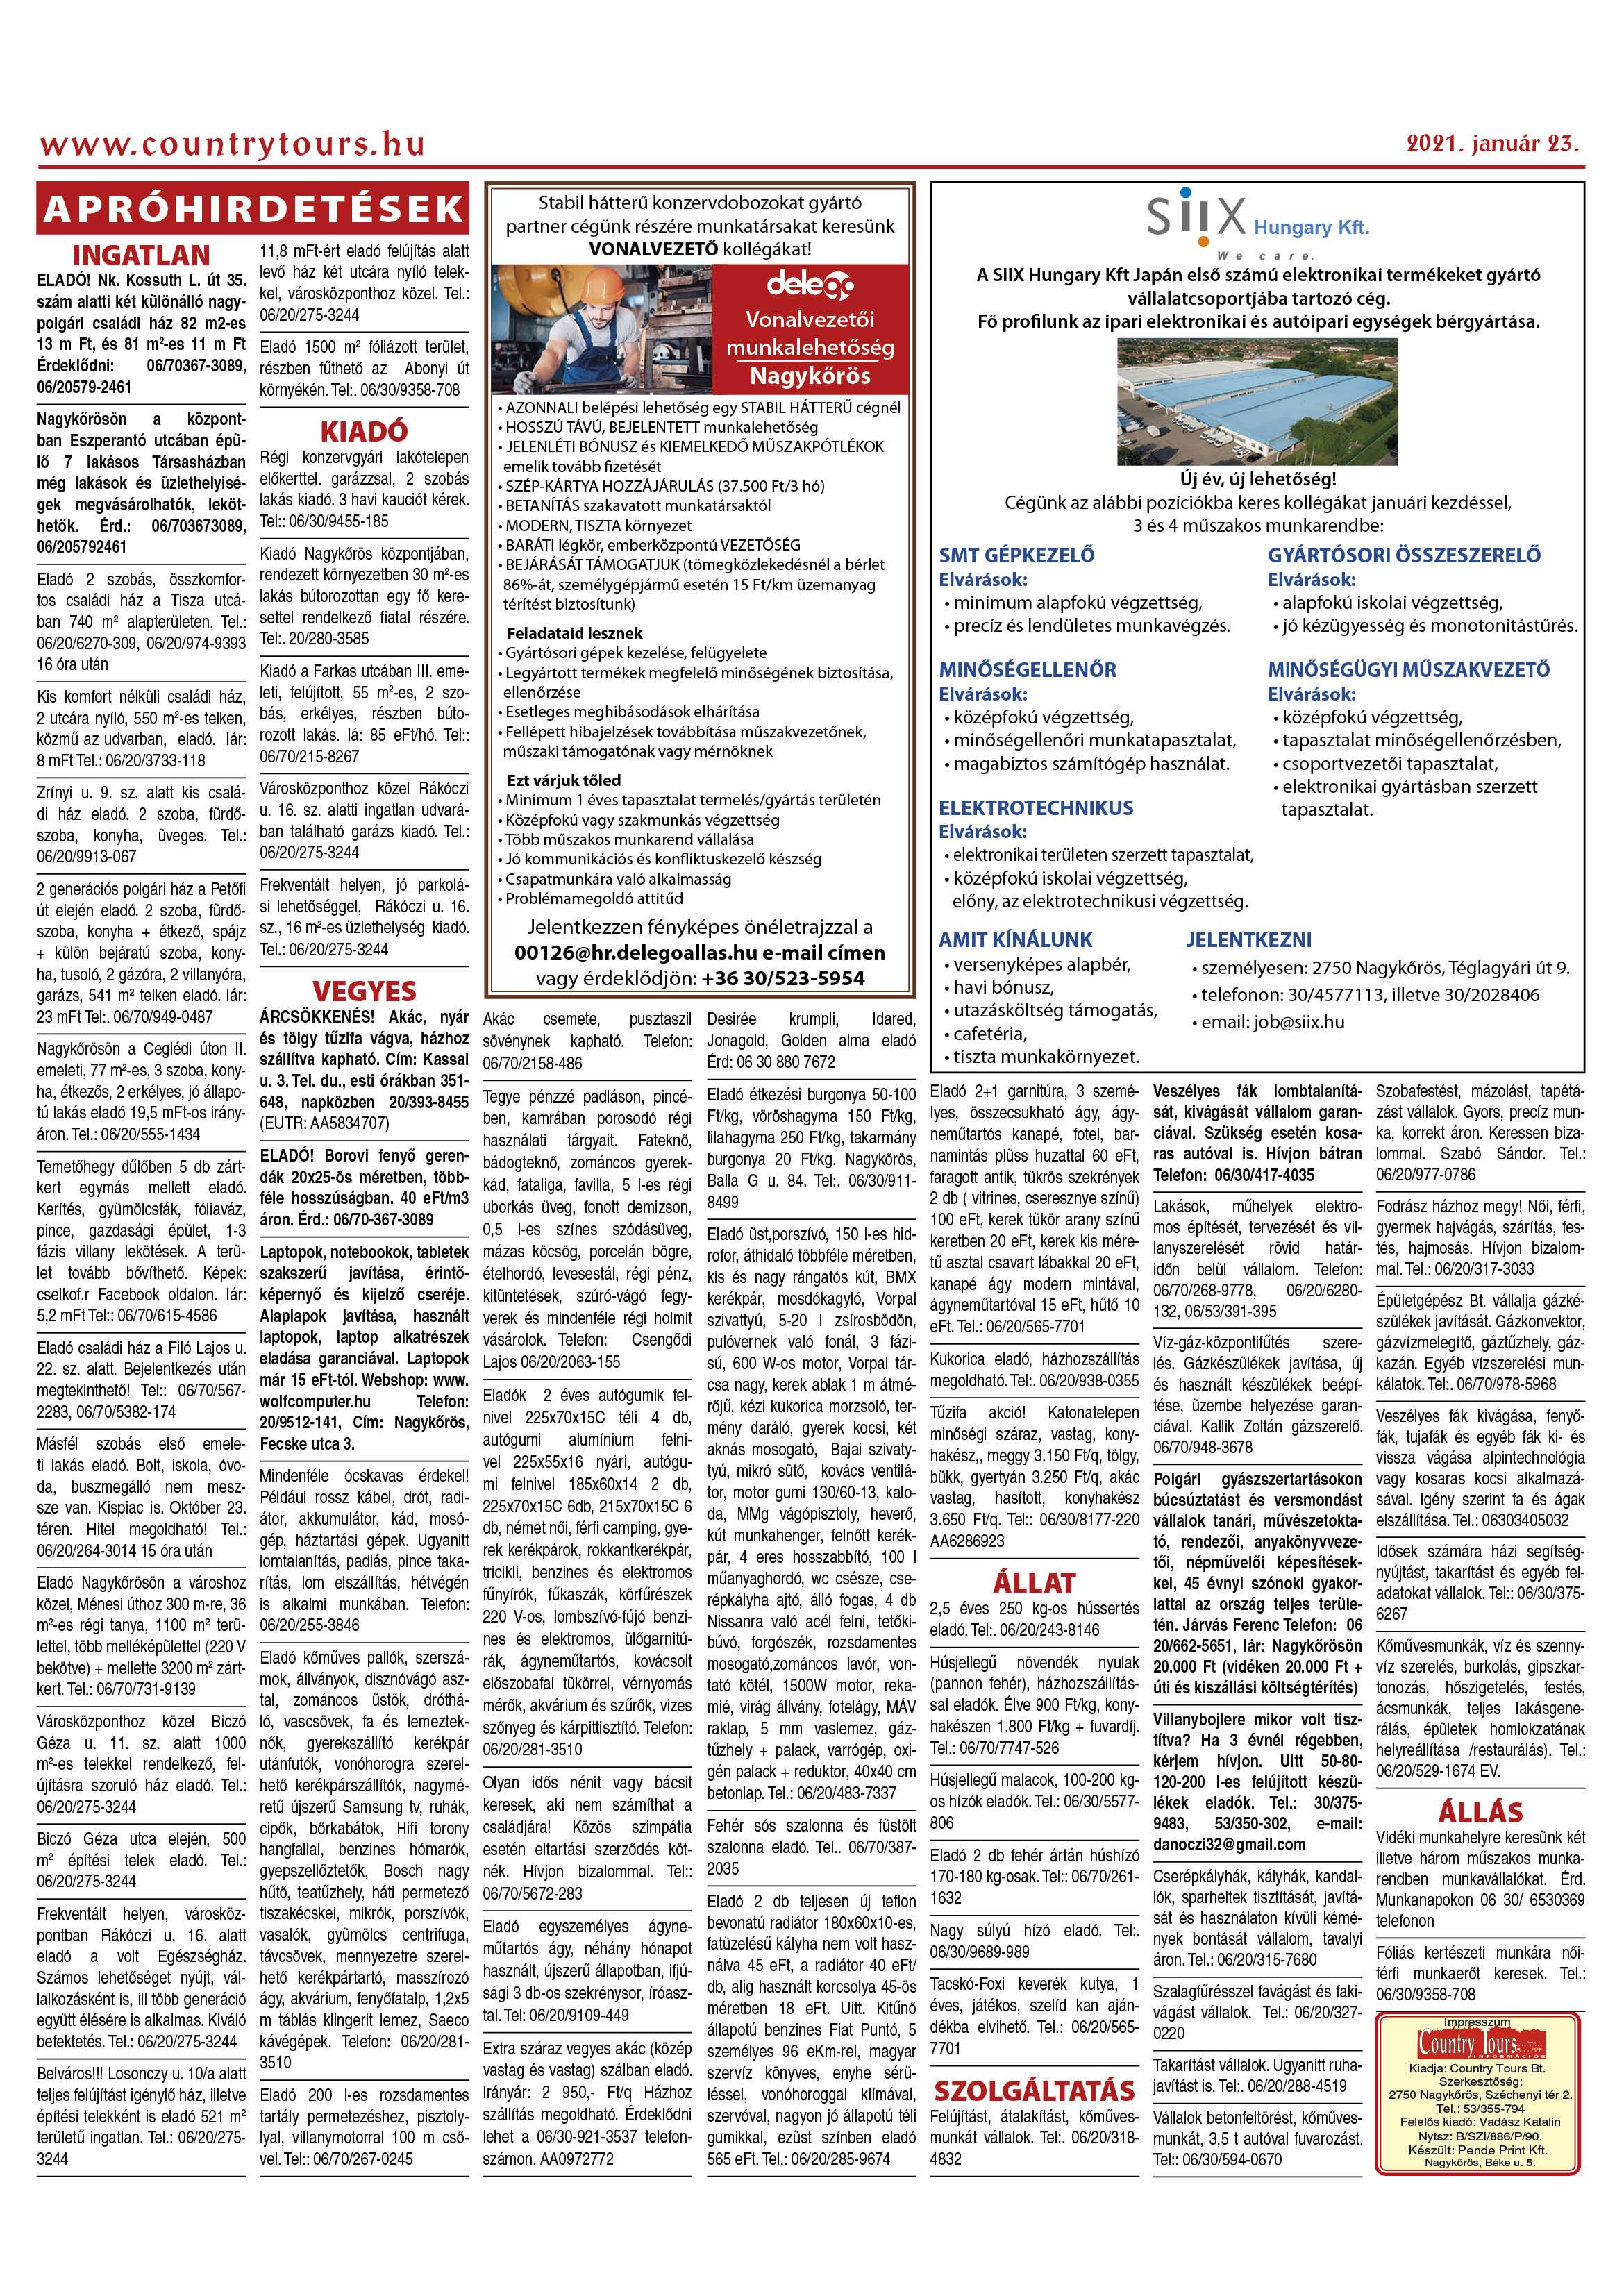 Nagykőrösi Hirdető 2. oldal